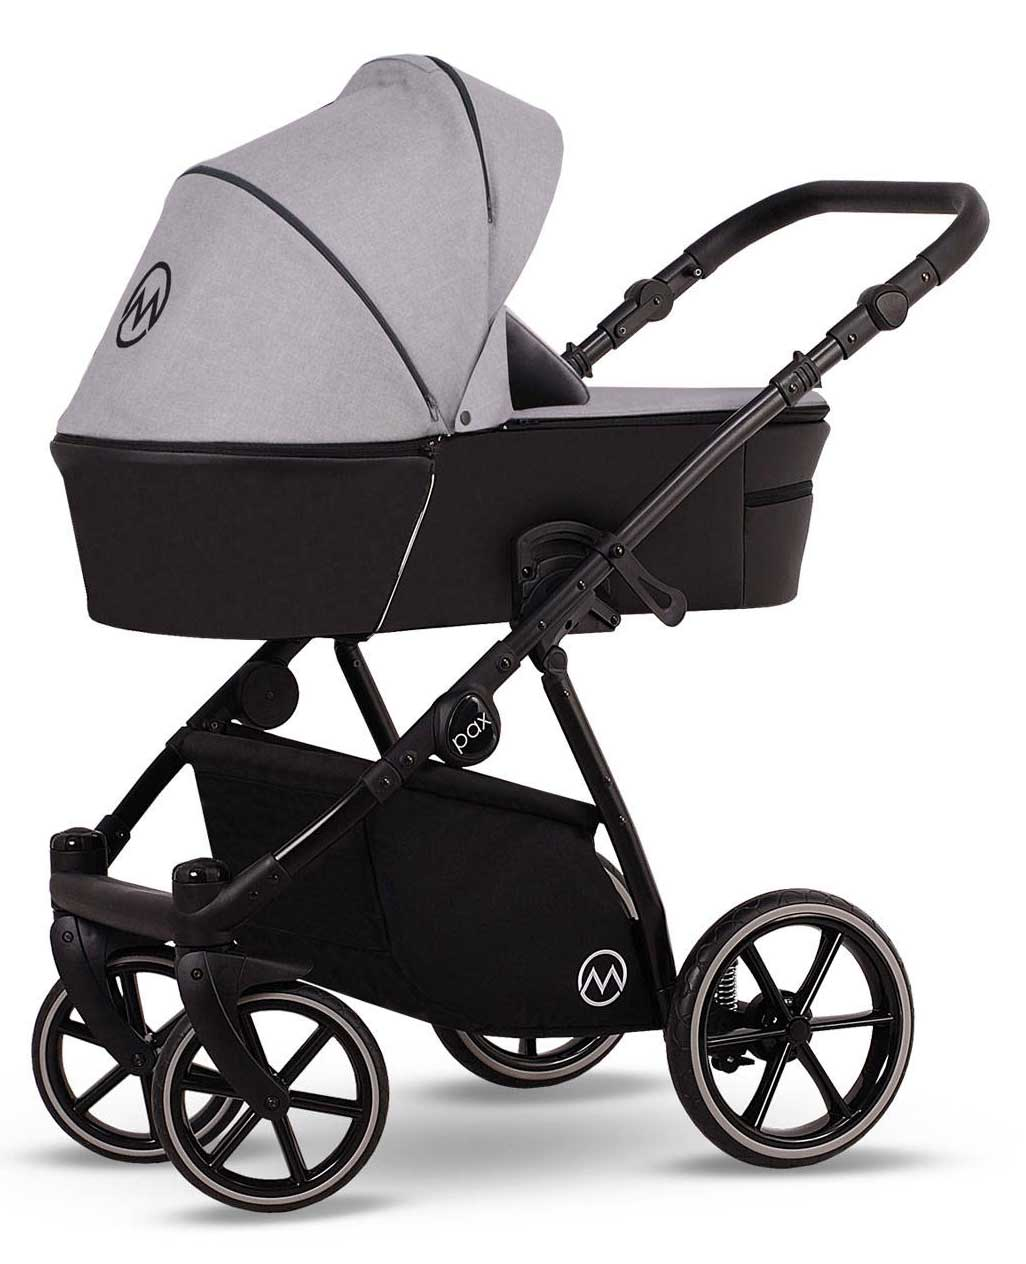 Pax Lonex wózek dziecięcy wielofunkcyjny Dadi Shop nowoczesna gondola